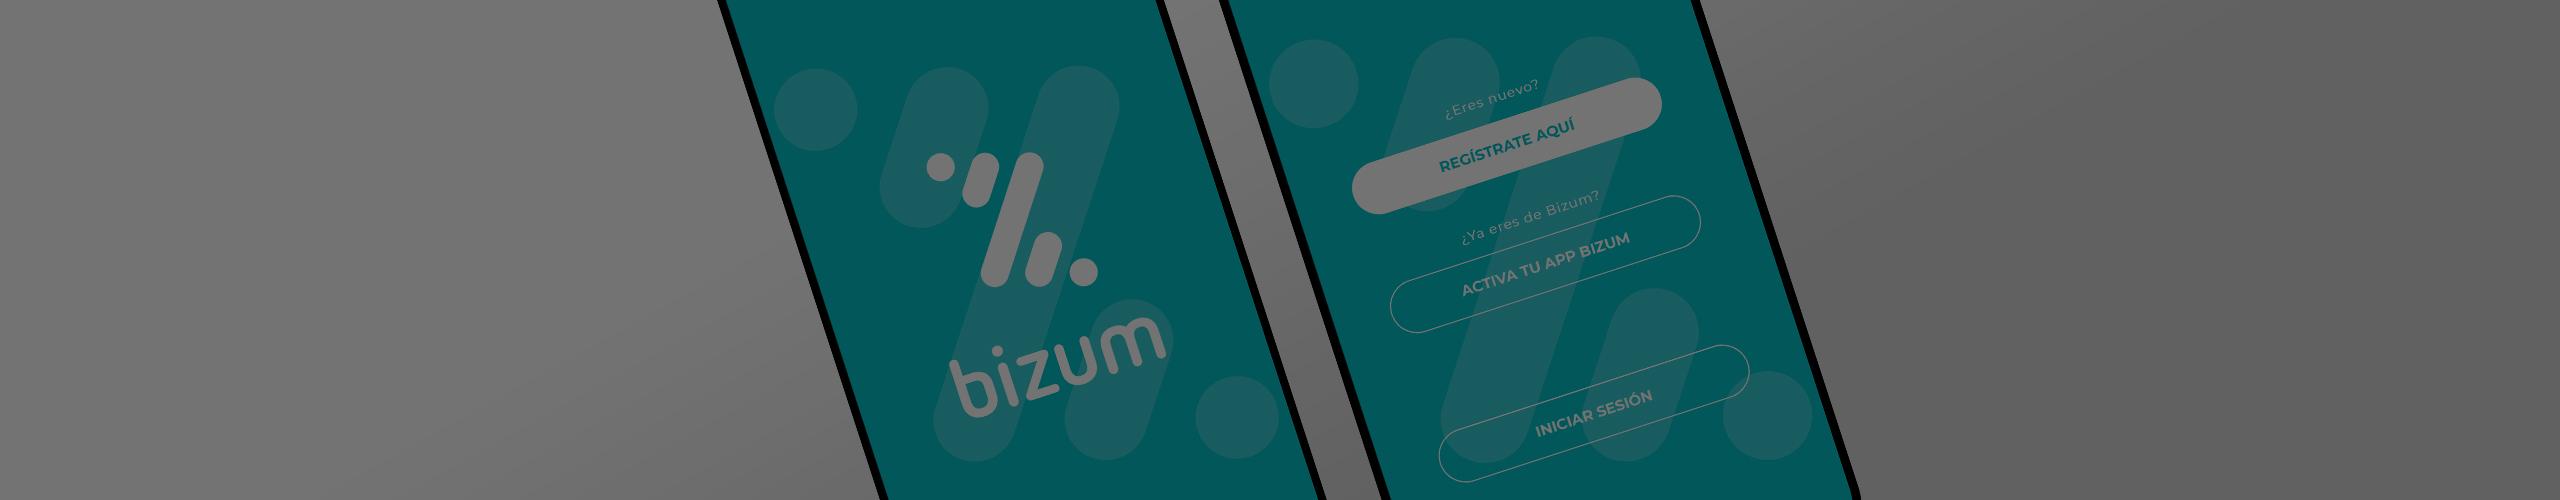 Sistema de pago Bizum